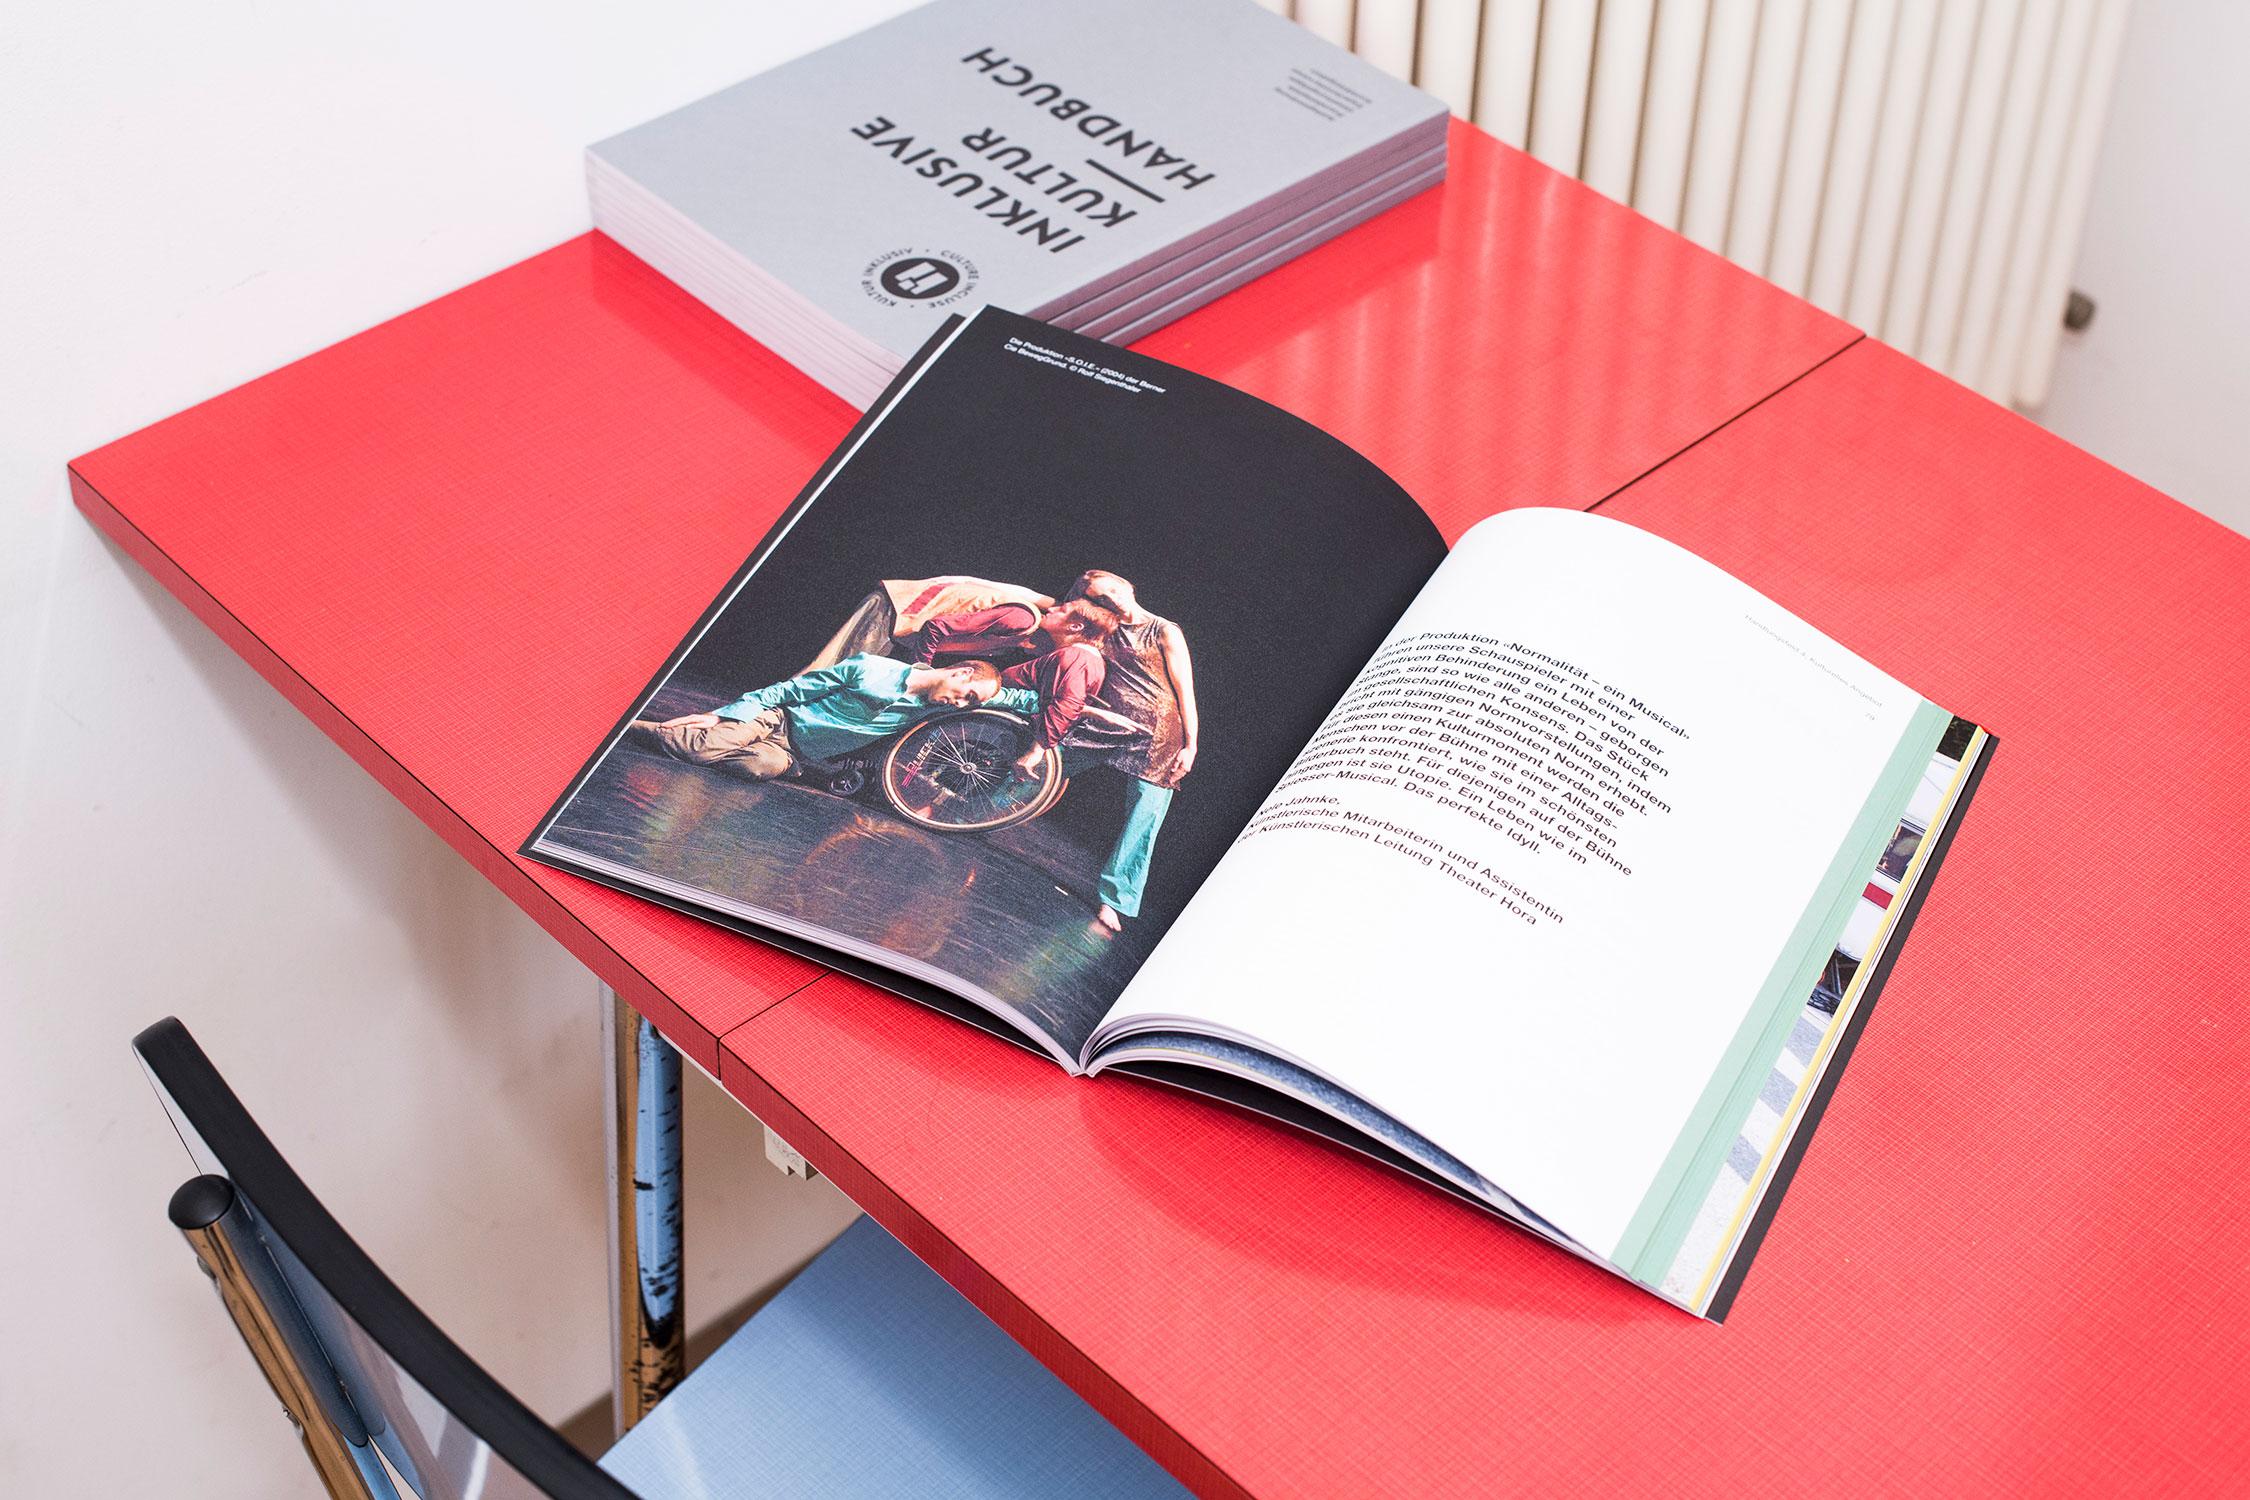 Melanie Brandel, Grafikdesign Bern, Solothurn, Buchgestaltung, Handbuch für das Label kulturinklusiv, pro infirmis